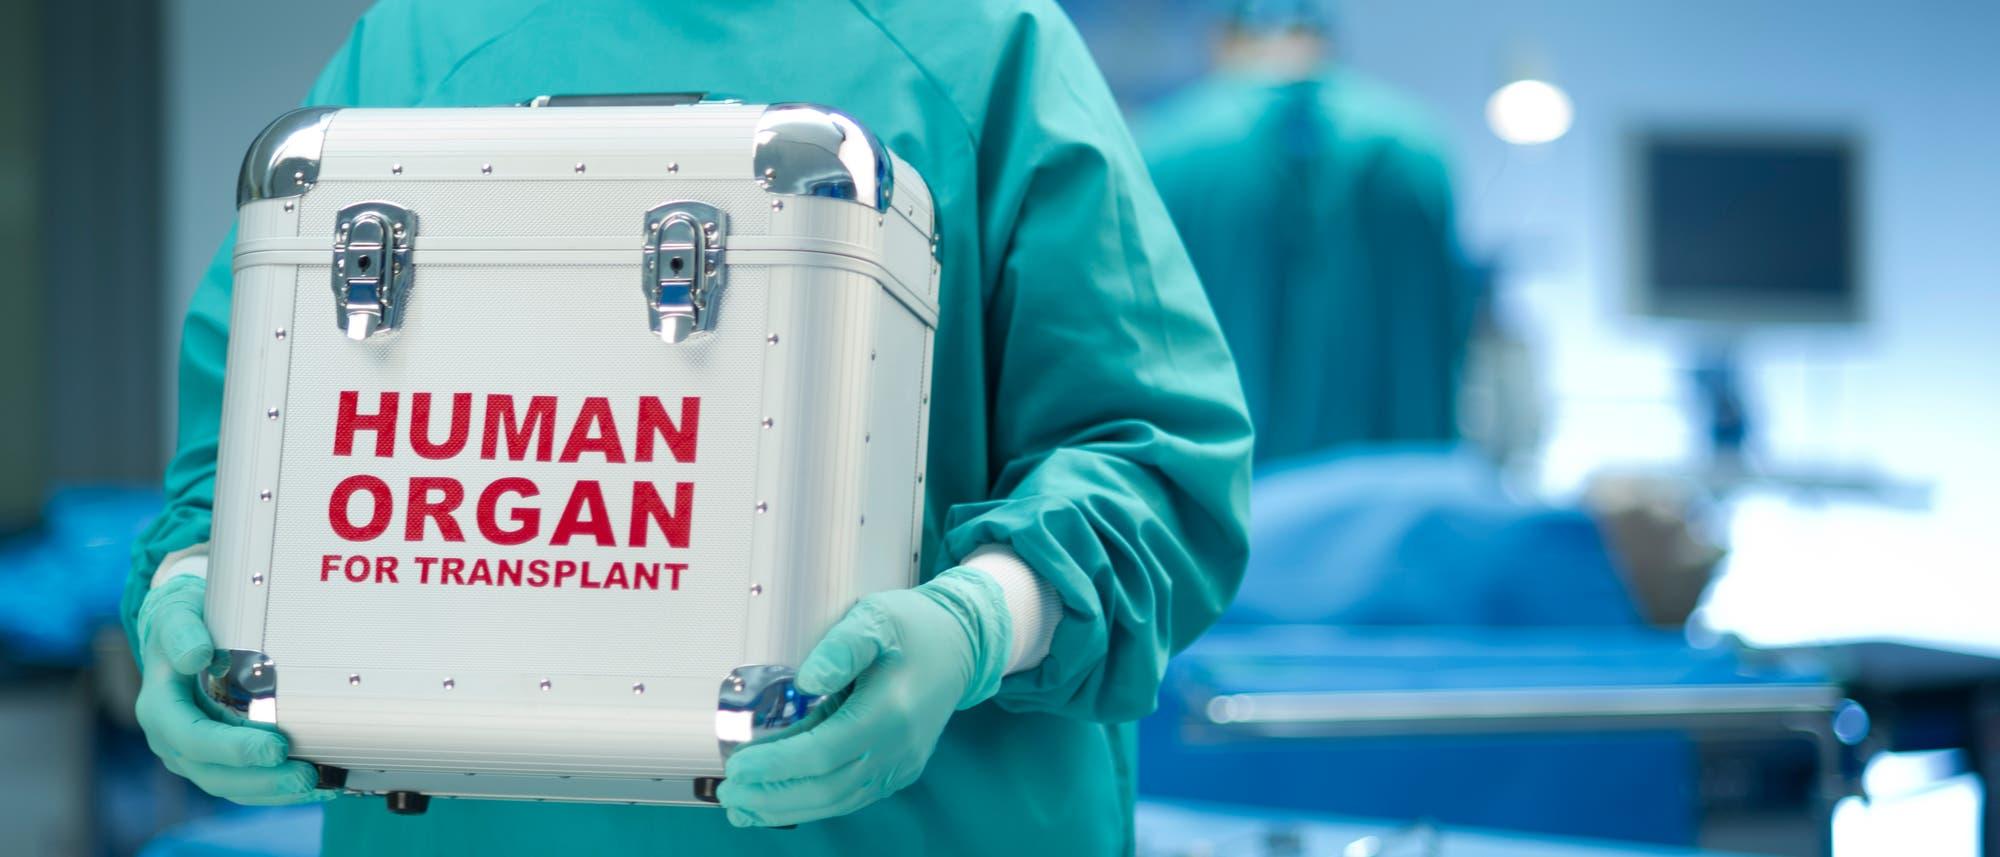 Im Koffer ist ein Organ - bereit zur Spende